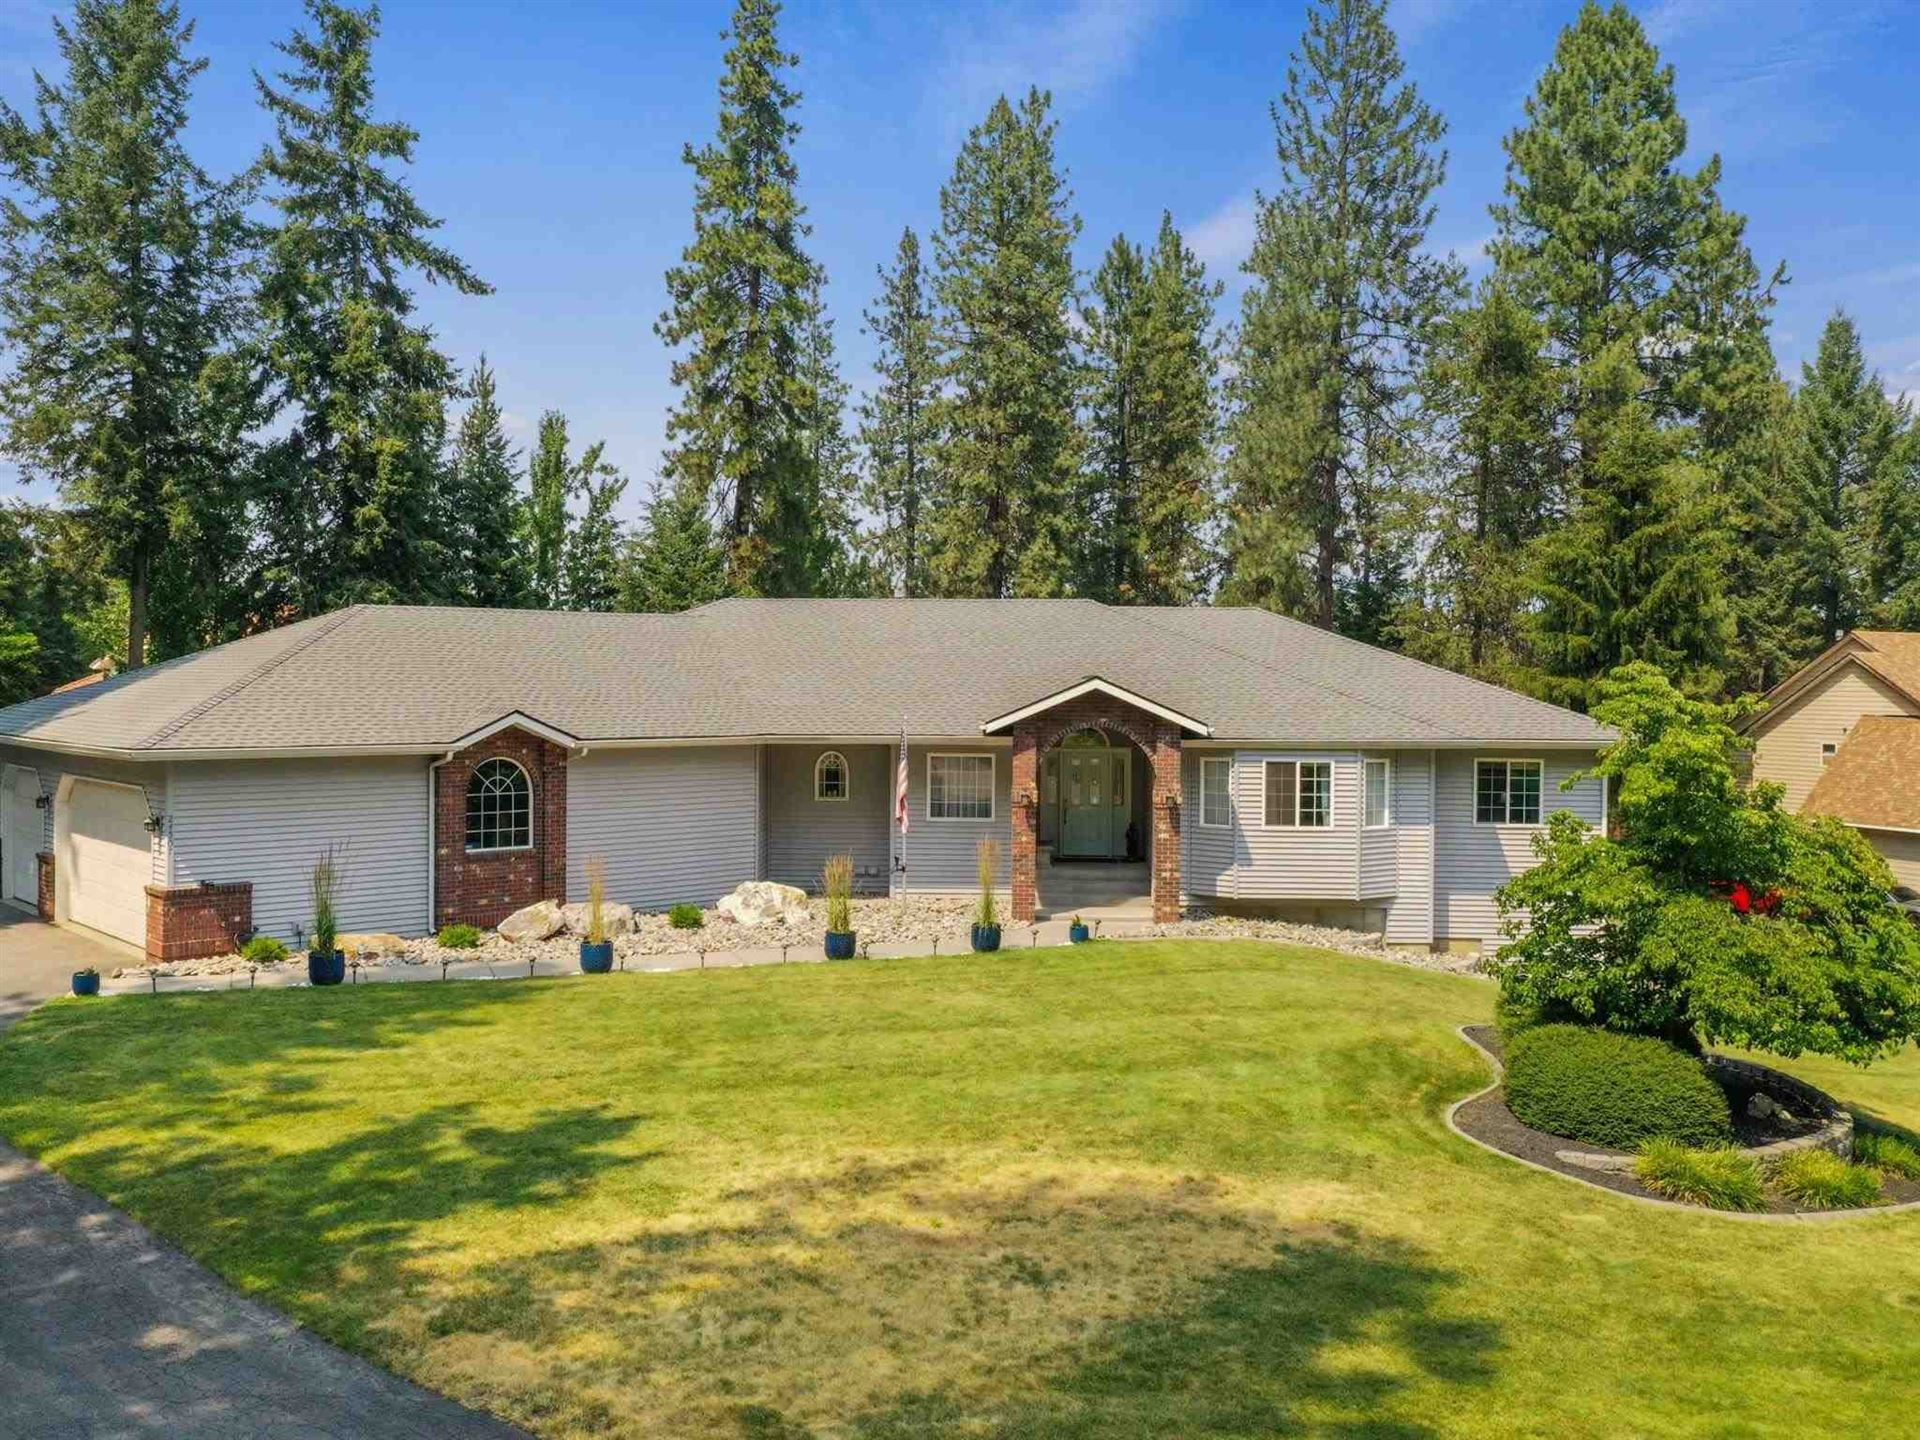 24507 E Moffat Rd, Newman Lake, WA 99025-9488 - #: 202119049